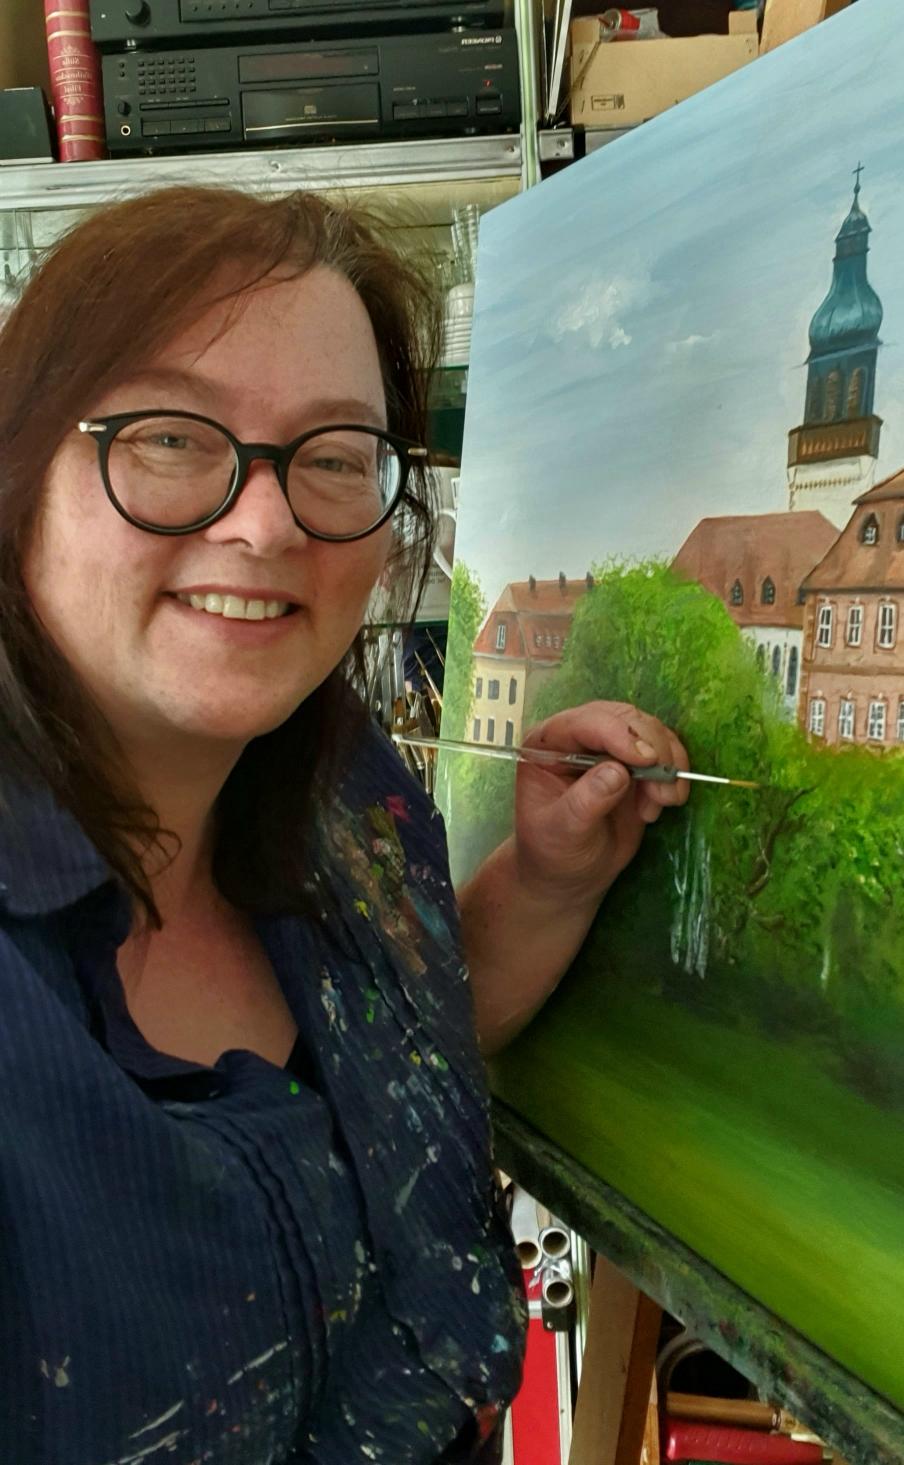 Kunst ist auch auch Handwerk. Auftragsmalerei ist immer wieder eine gute Gelegenheit sein Handwerk zu festigen!